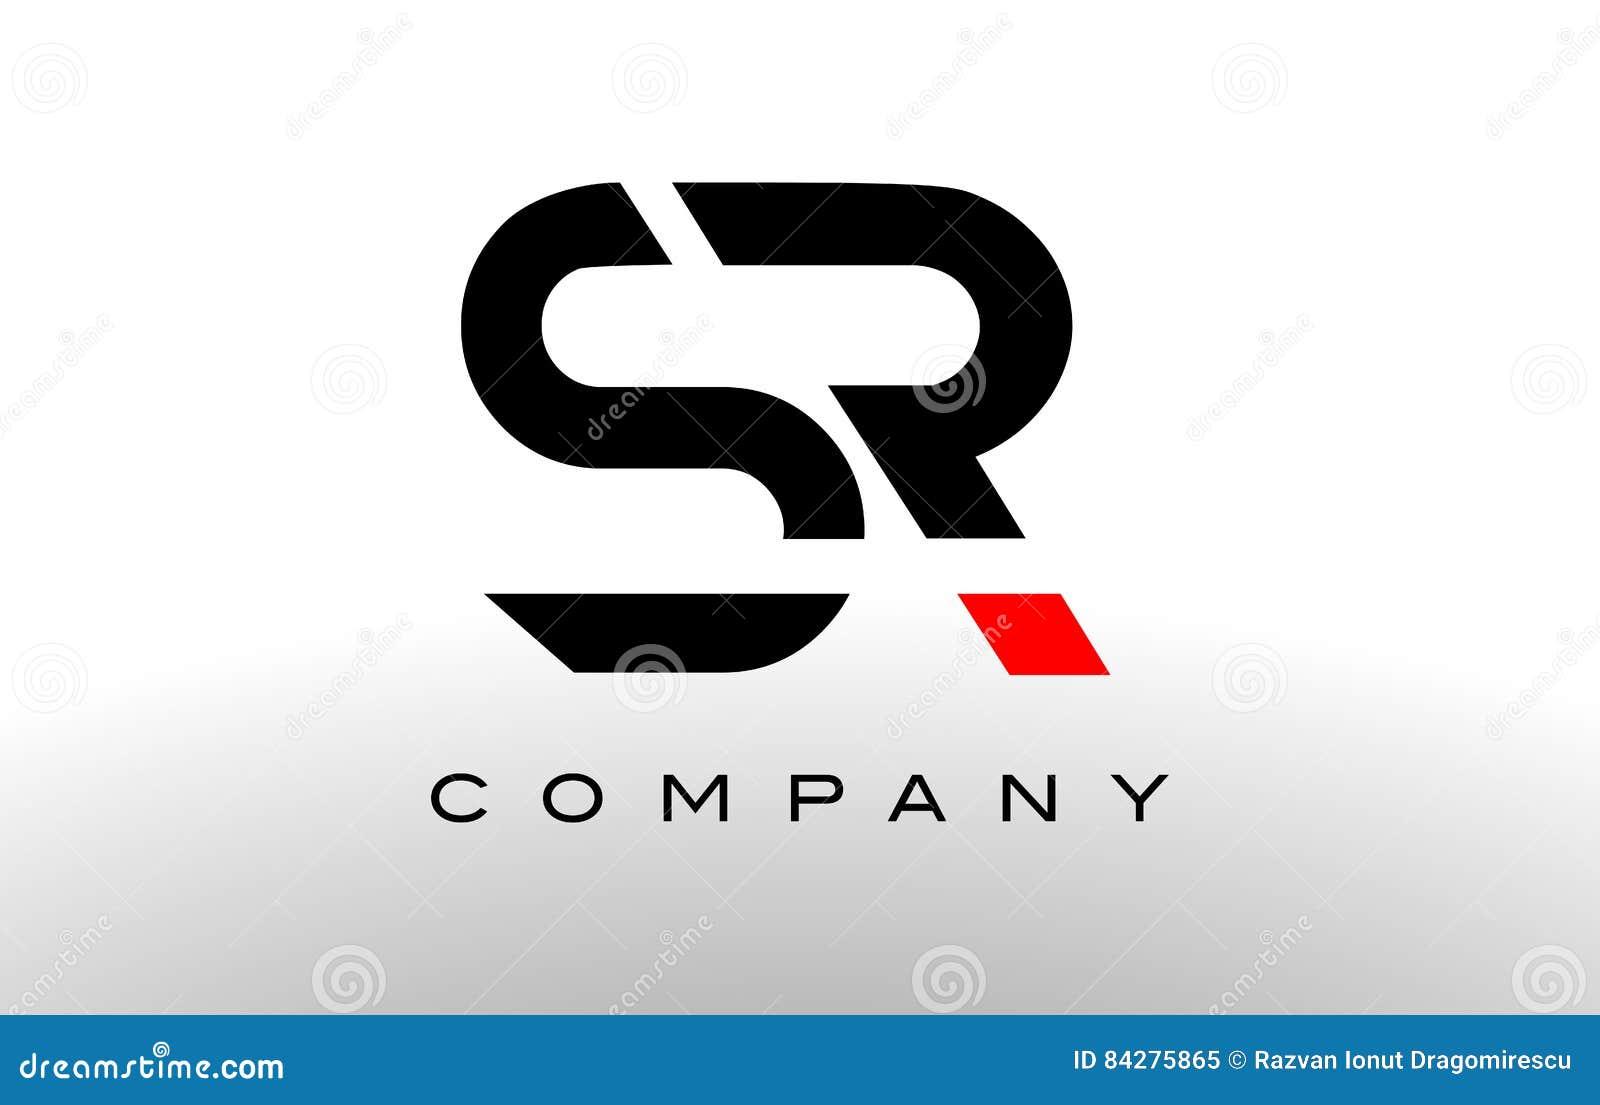 Λογότυπο του S Ρ Διάνυσμα σχεδίου επιστολών SR